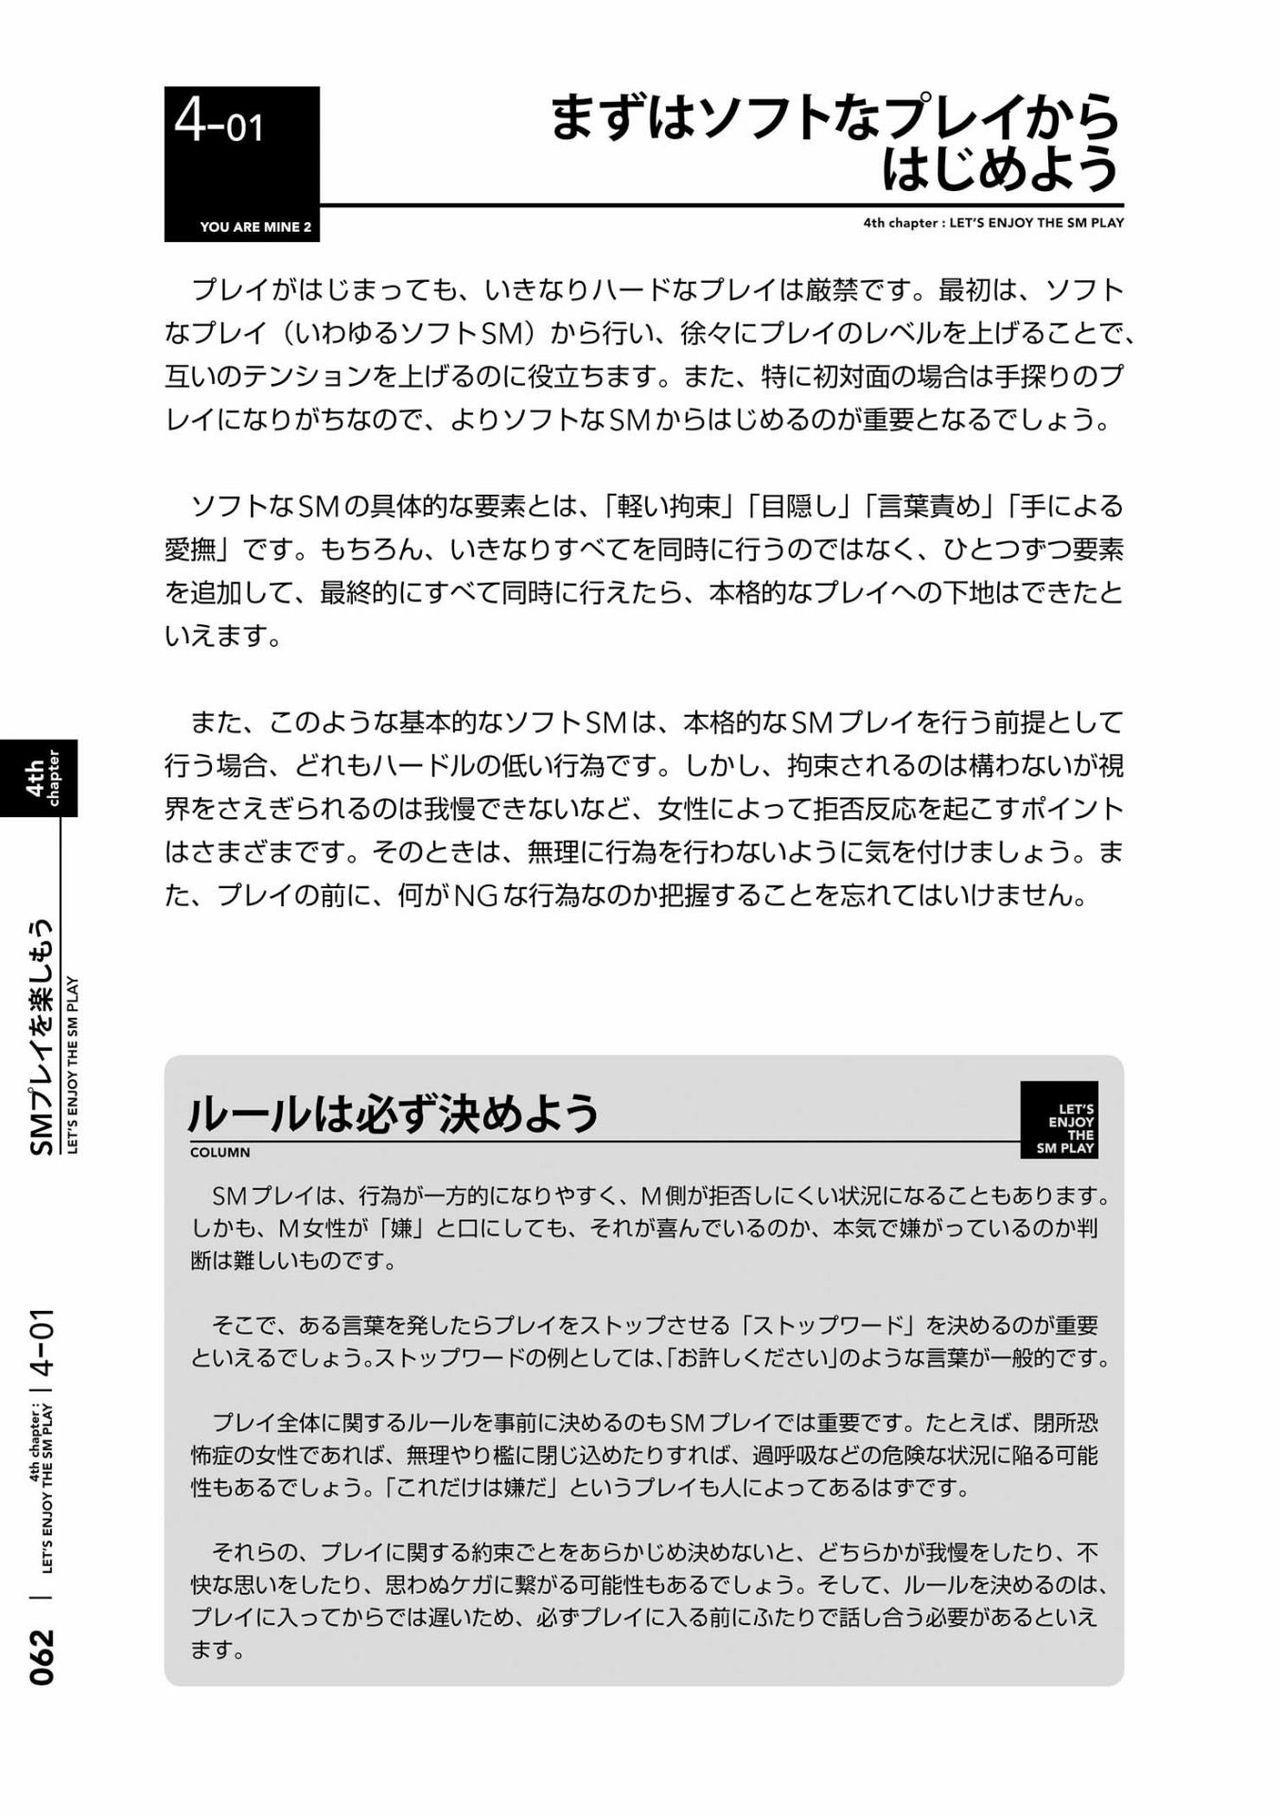 [Mitsuba] Karada mo Kokoro mo Boku no Mono ~Hajimete no SM Guide~ 2 [Digital] 64